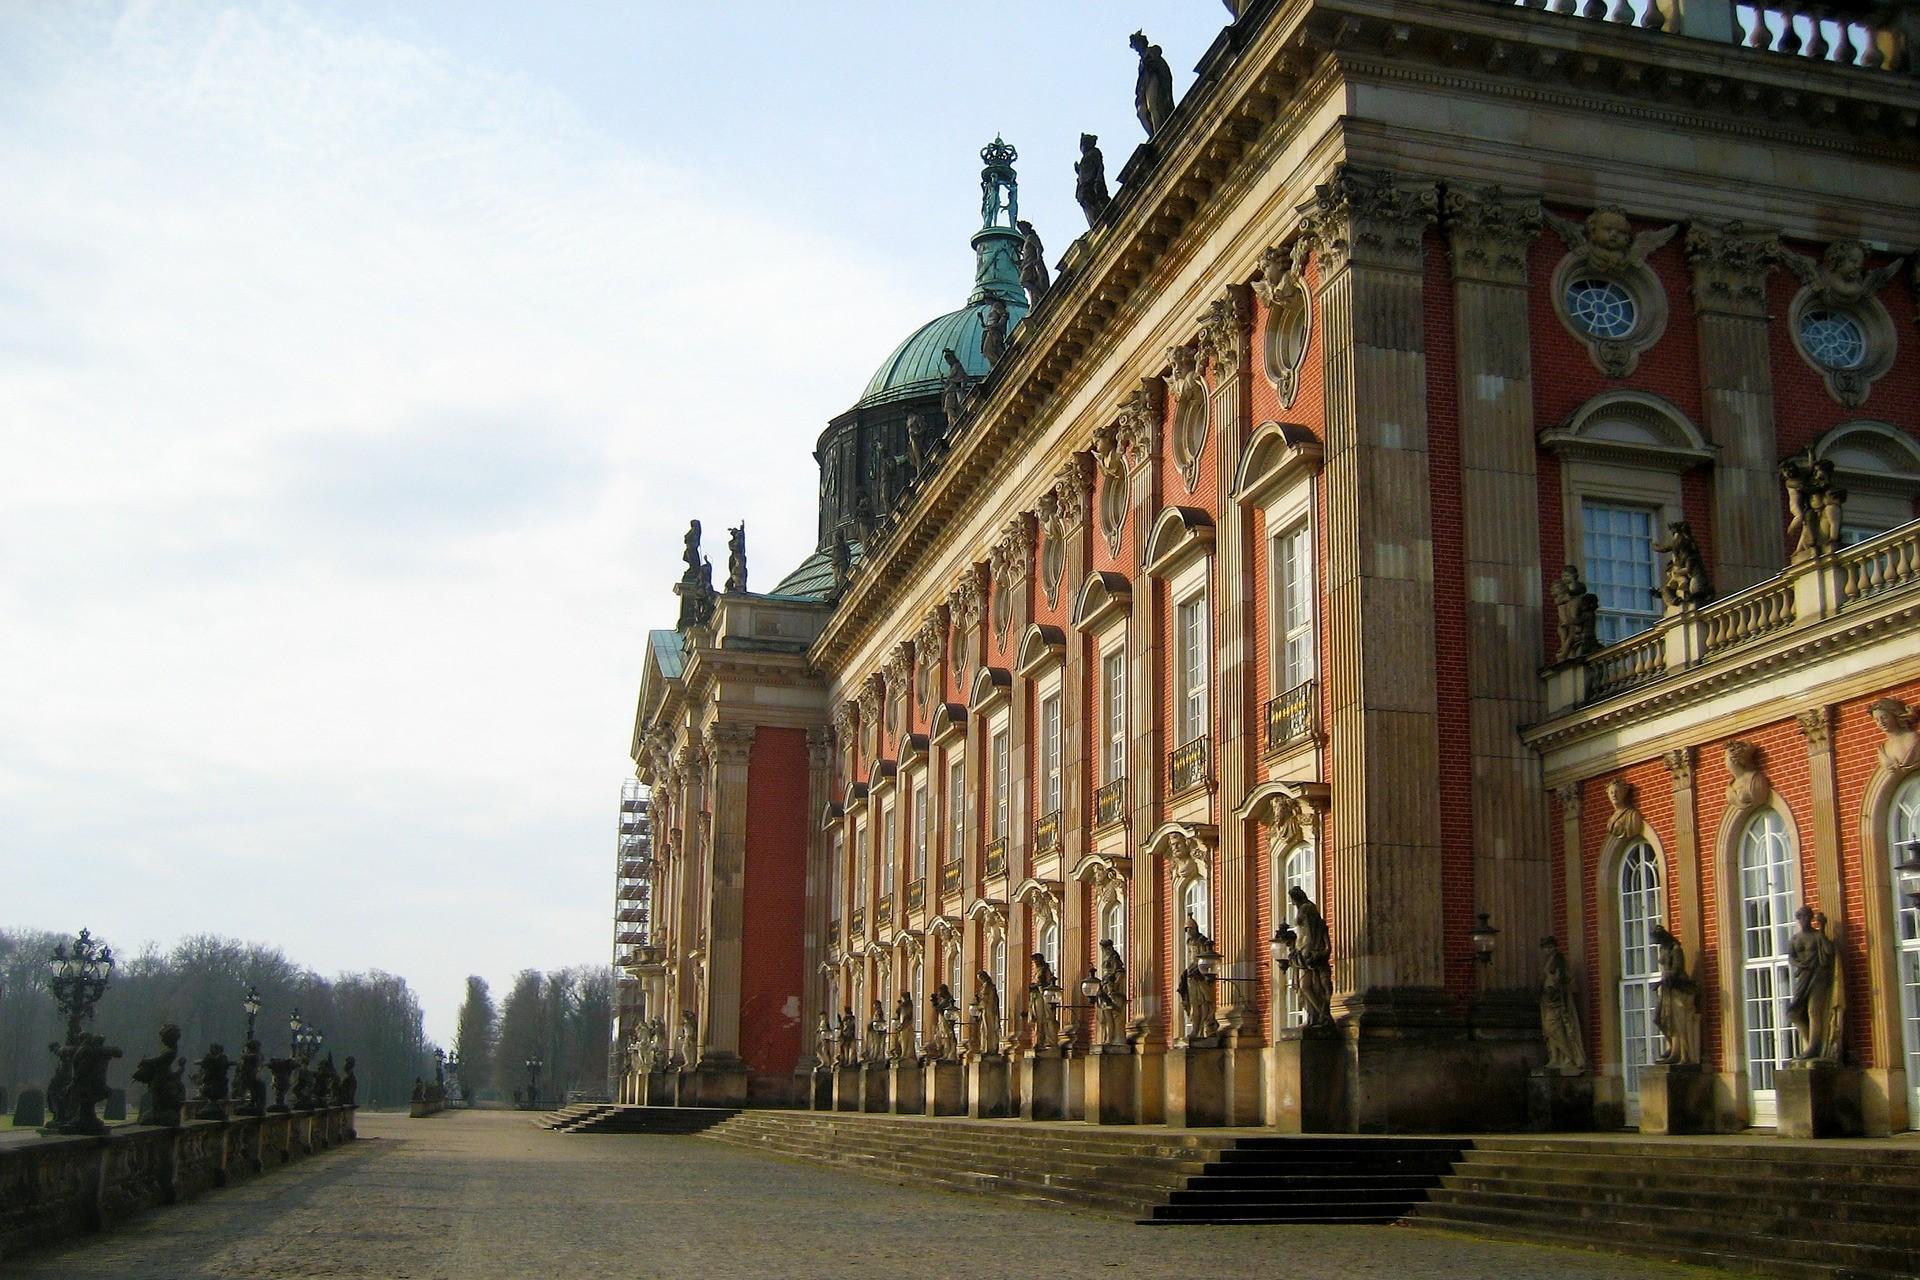 Bild Landtag Potsdam, Quelle: Bild von Ronile auf Pixabay